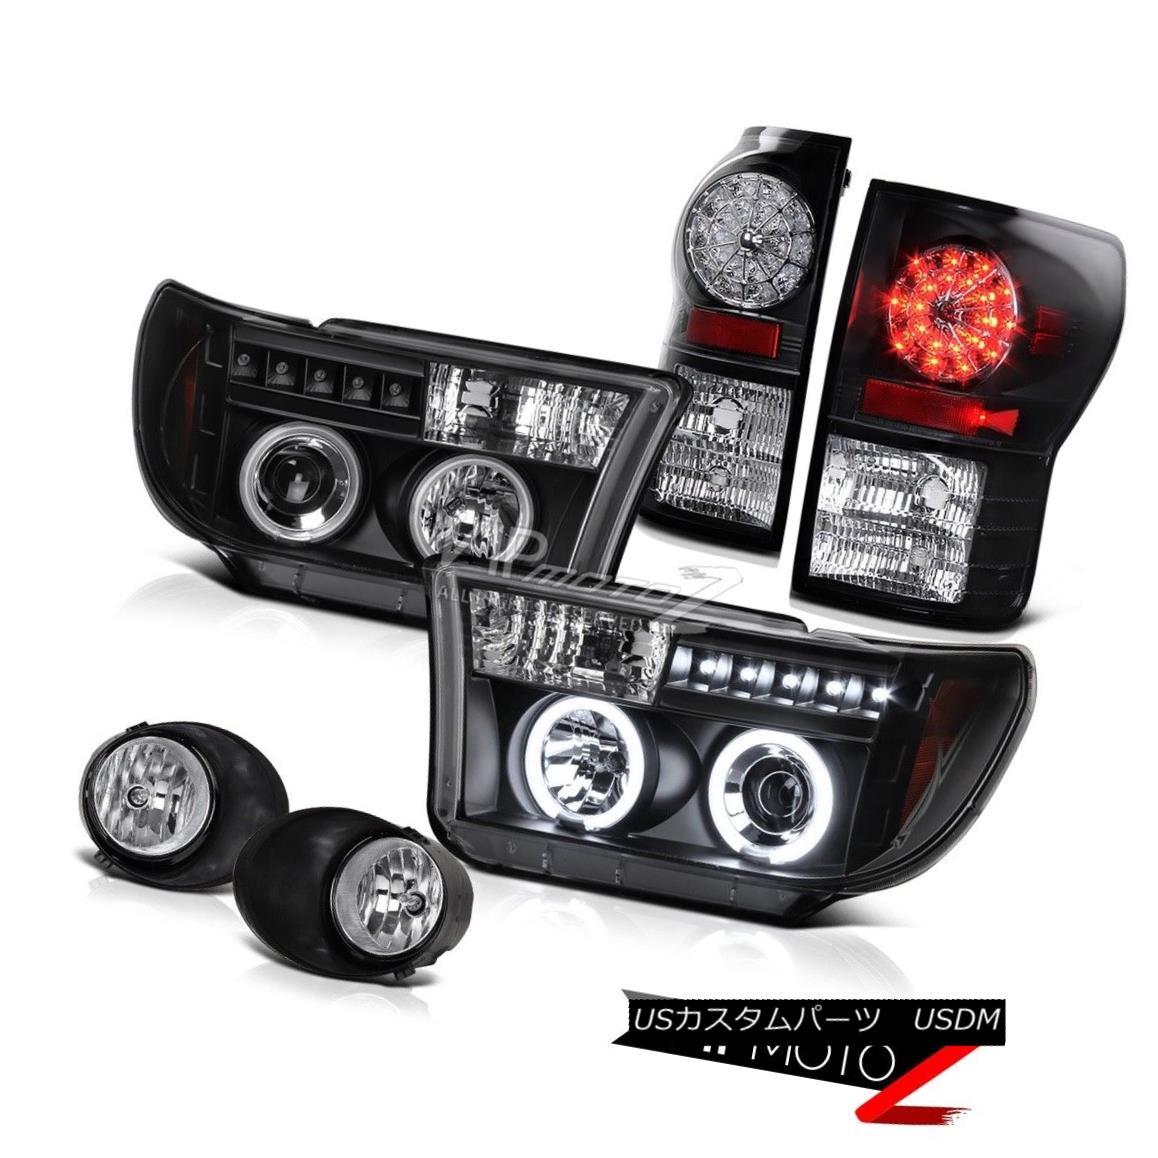 ヘッドライト 07-2013 Tundra TRD CCFL Halo Projector Headlight+Black Led Tail Light+Fog Lamp 07-2013 Tundra TRD CCFLハロープロジェクターヘッドライト+ Blac  kテールライト+フォグランプ